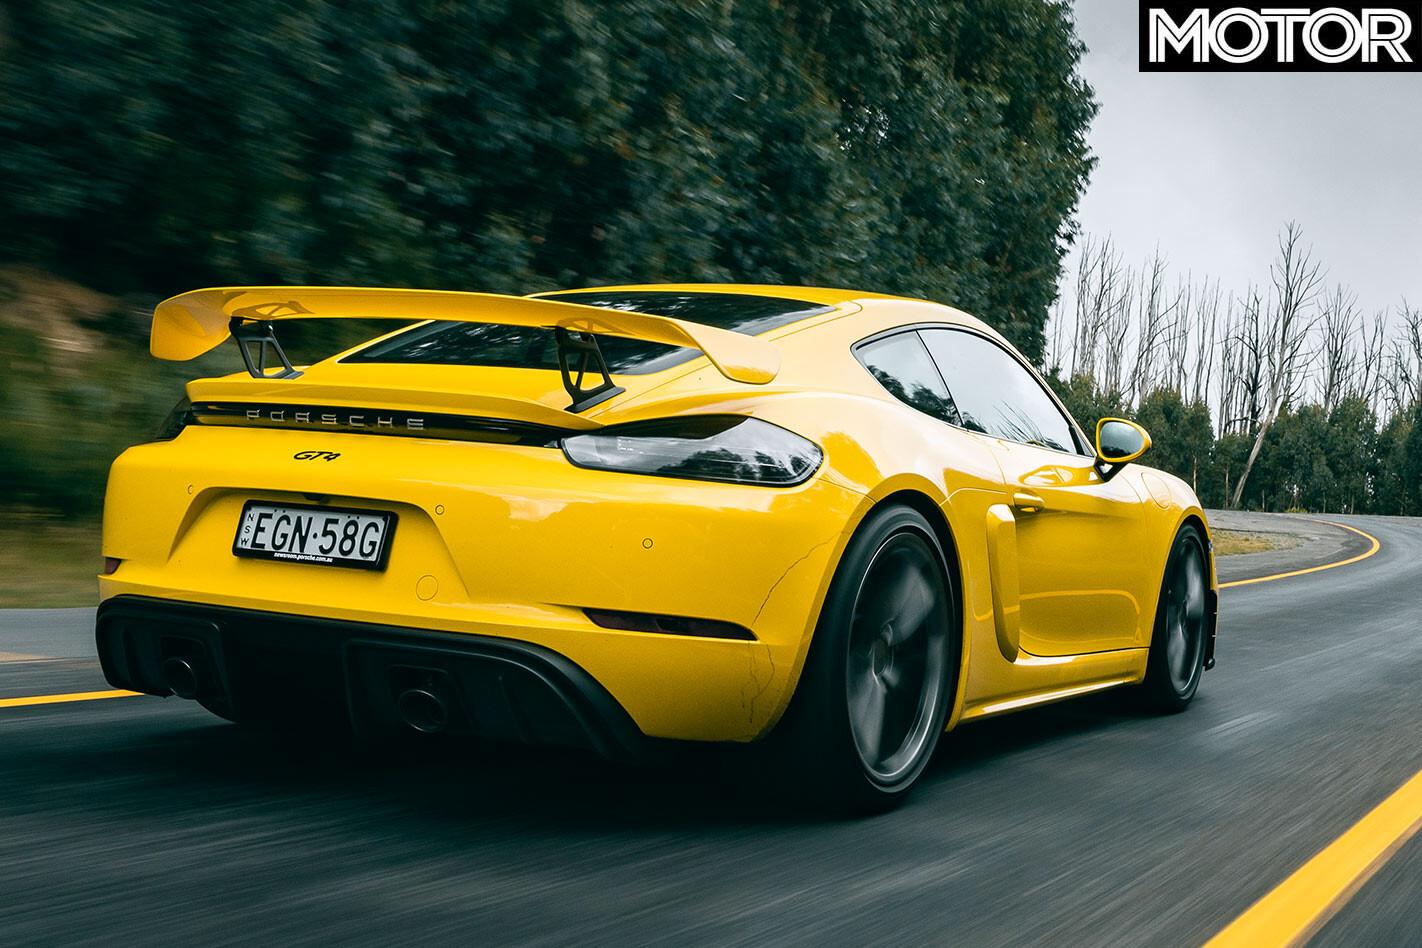 2020 Porsche Cayman GT4 onroad